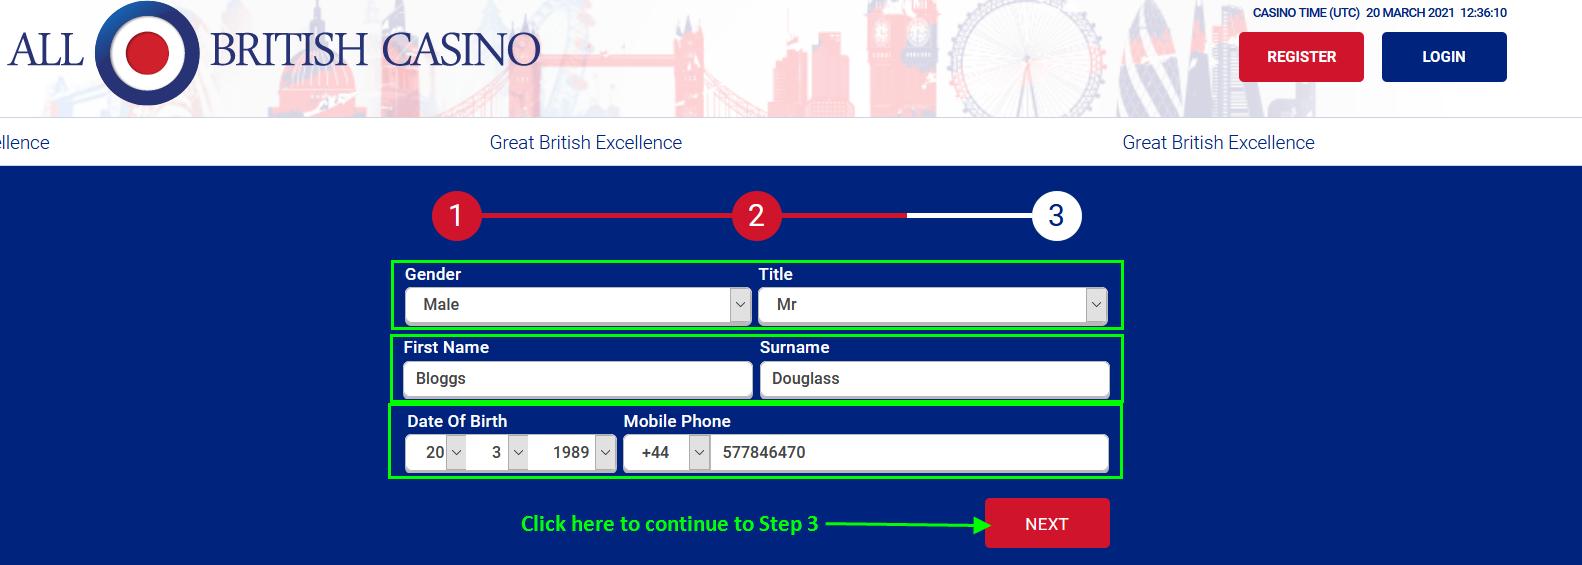 Registration at All British Casino